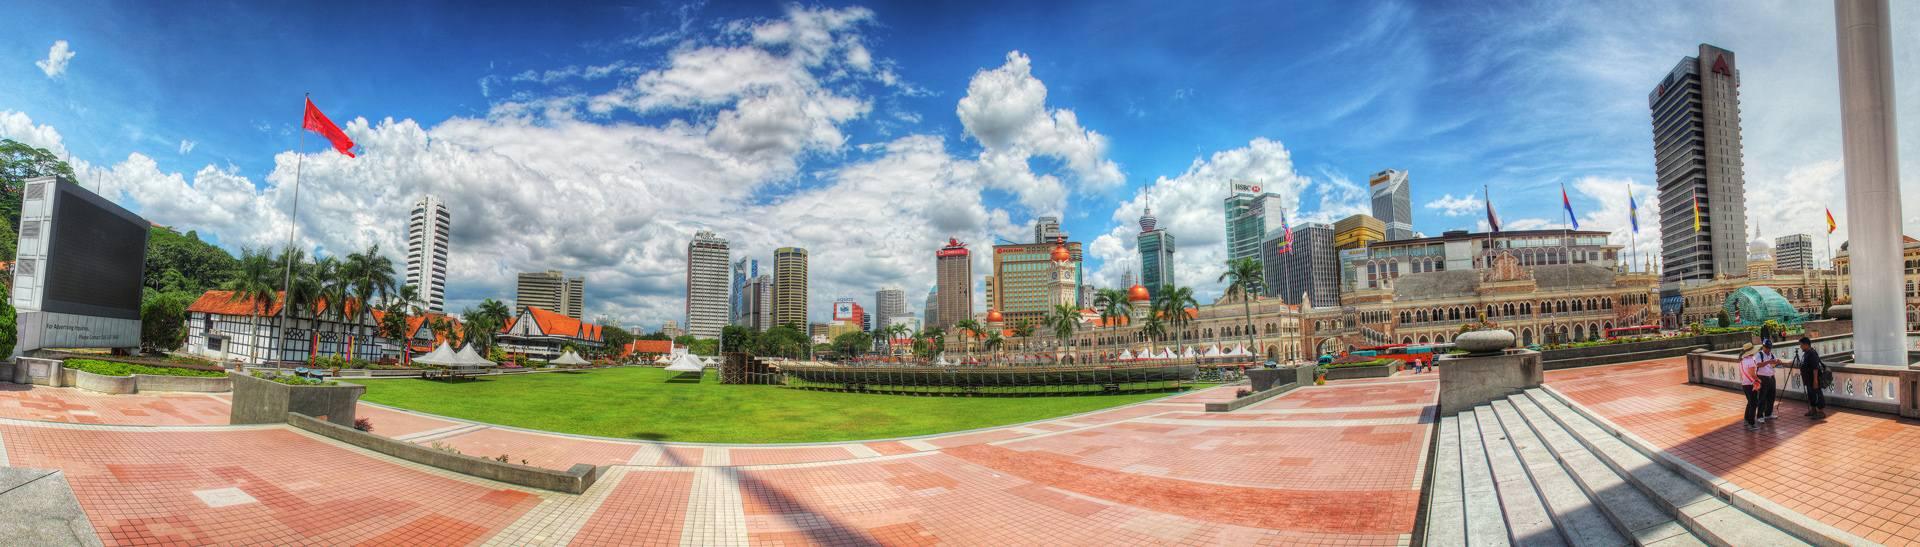 Quảng trường độc lập Malaysia